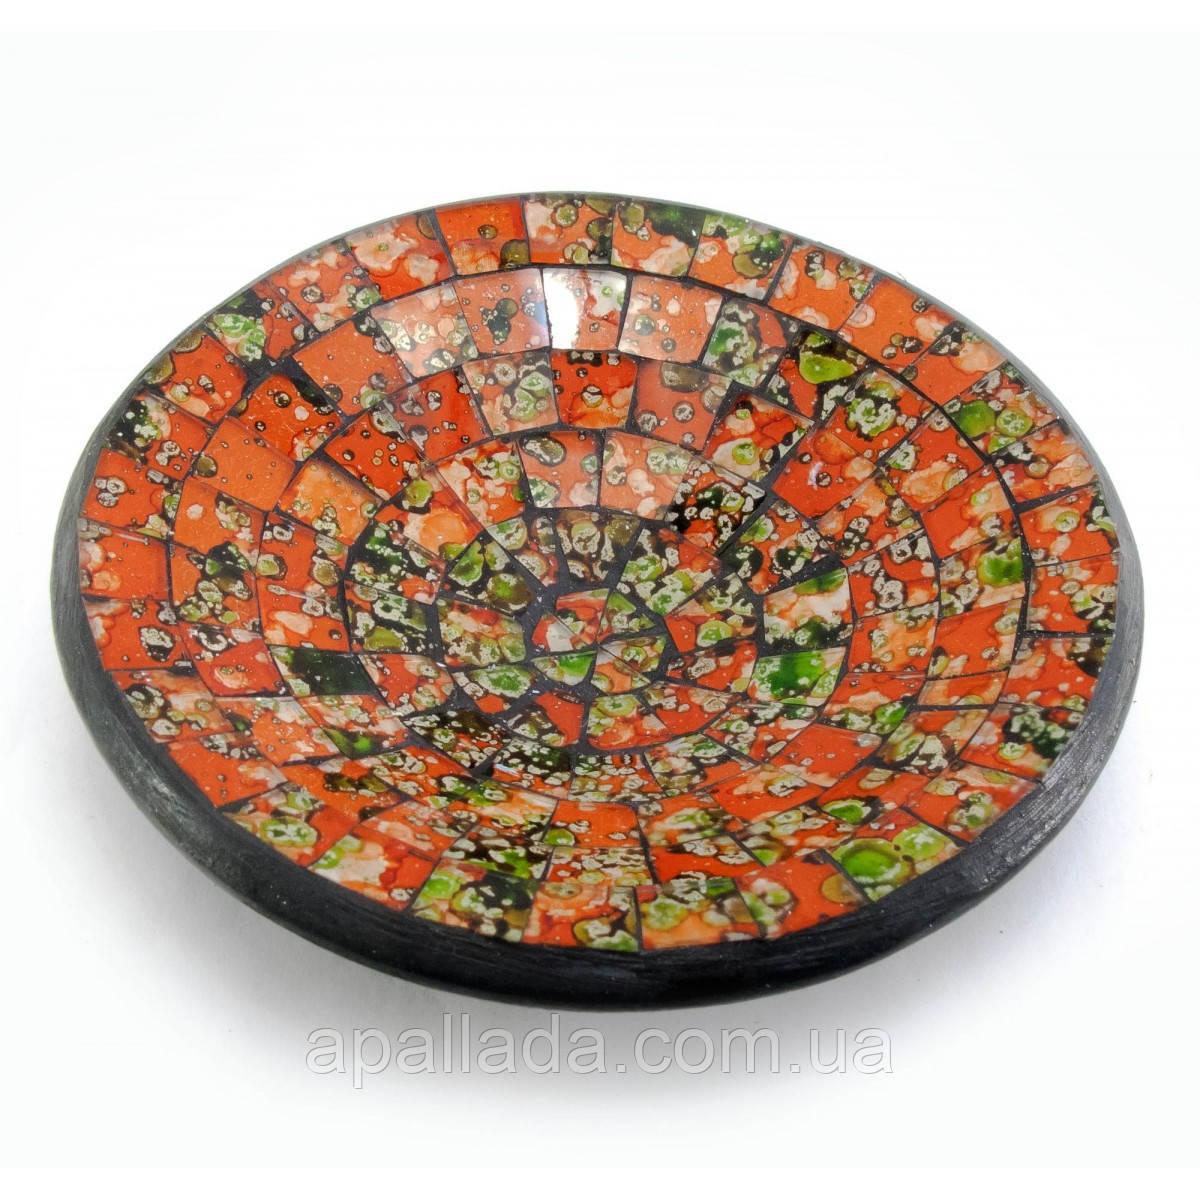 Блюдо терракотовое с оранжевой мозаикой, диаметр-15 см